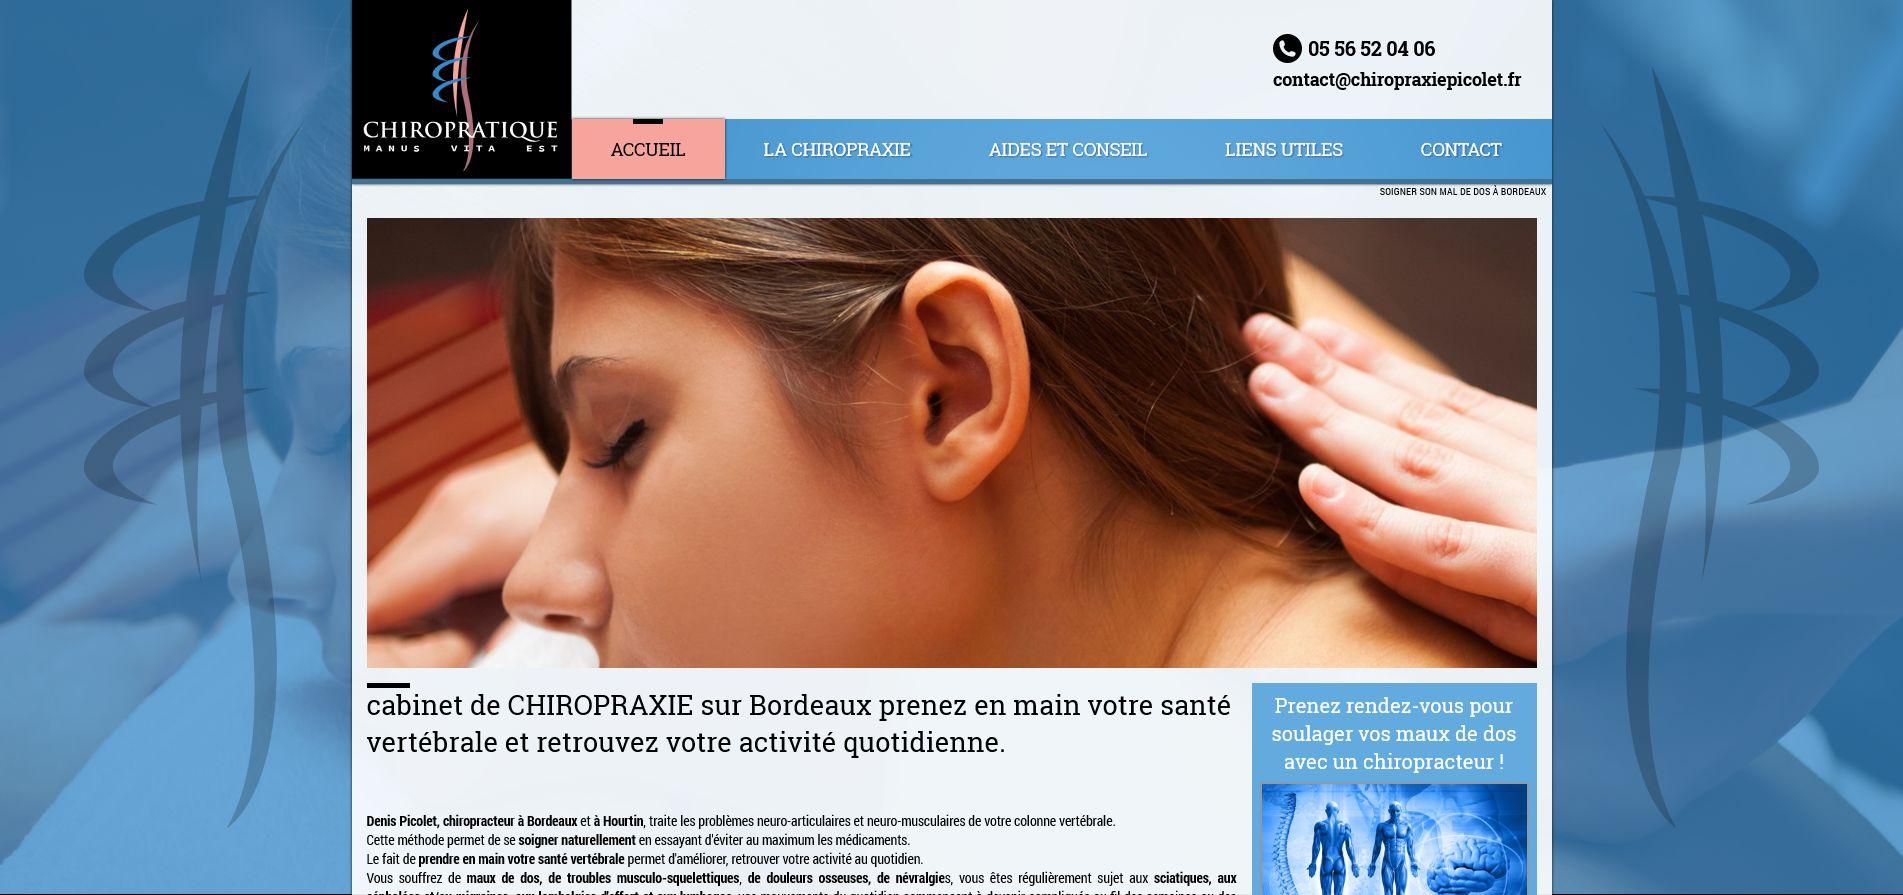 chiropracteur Gironde 33